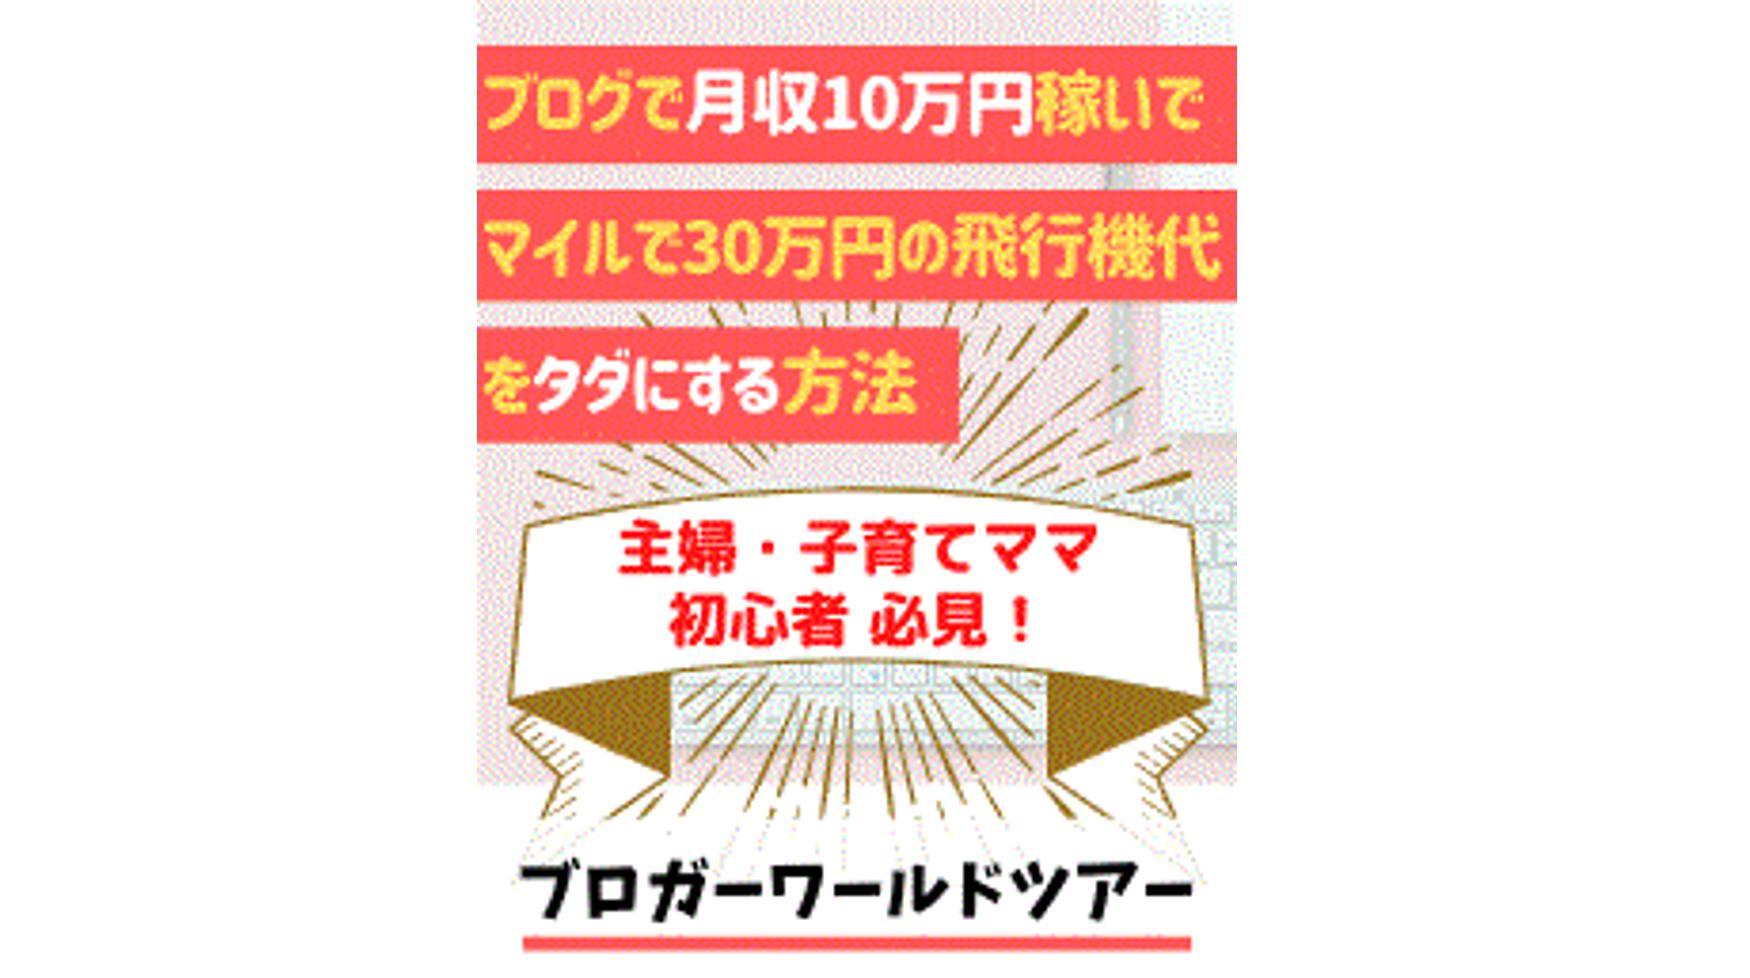 かおりさんの『ブロガーワールドツアー』で世界を旅しよう!